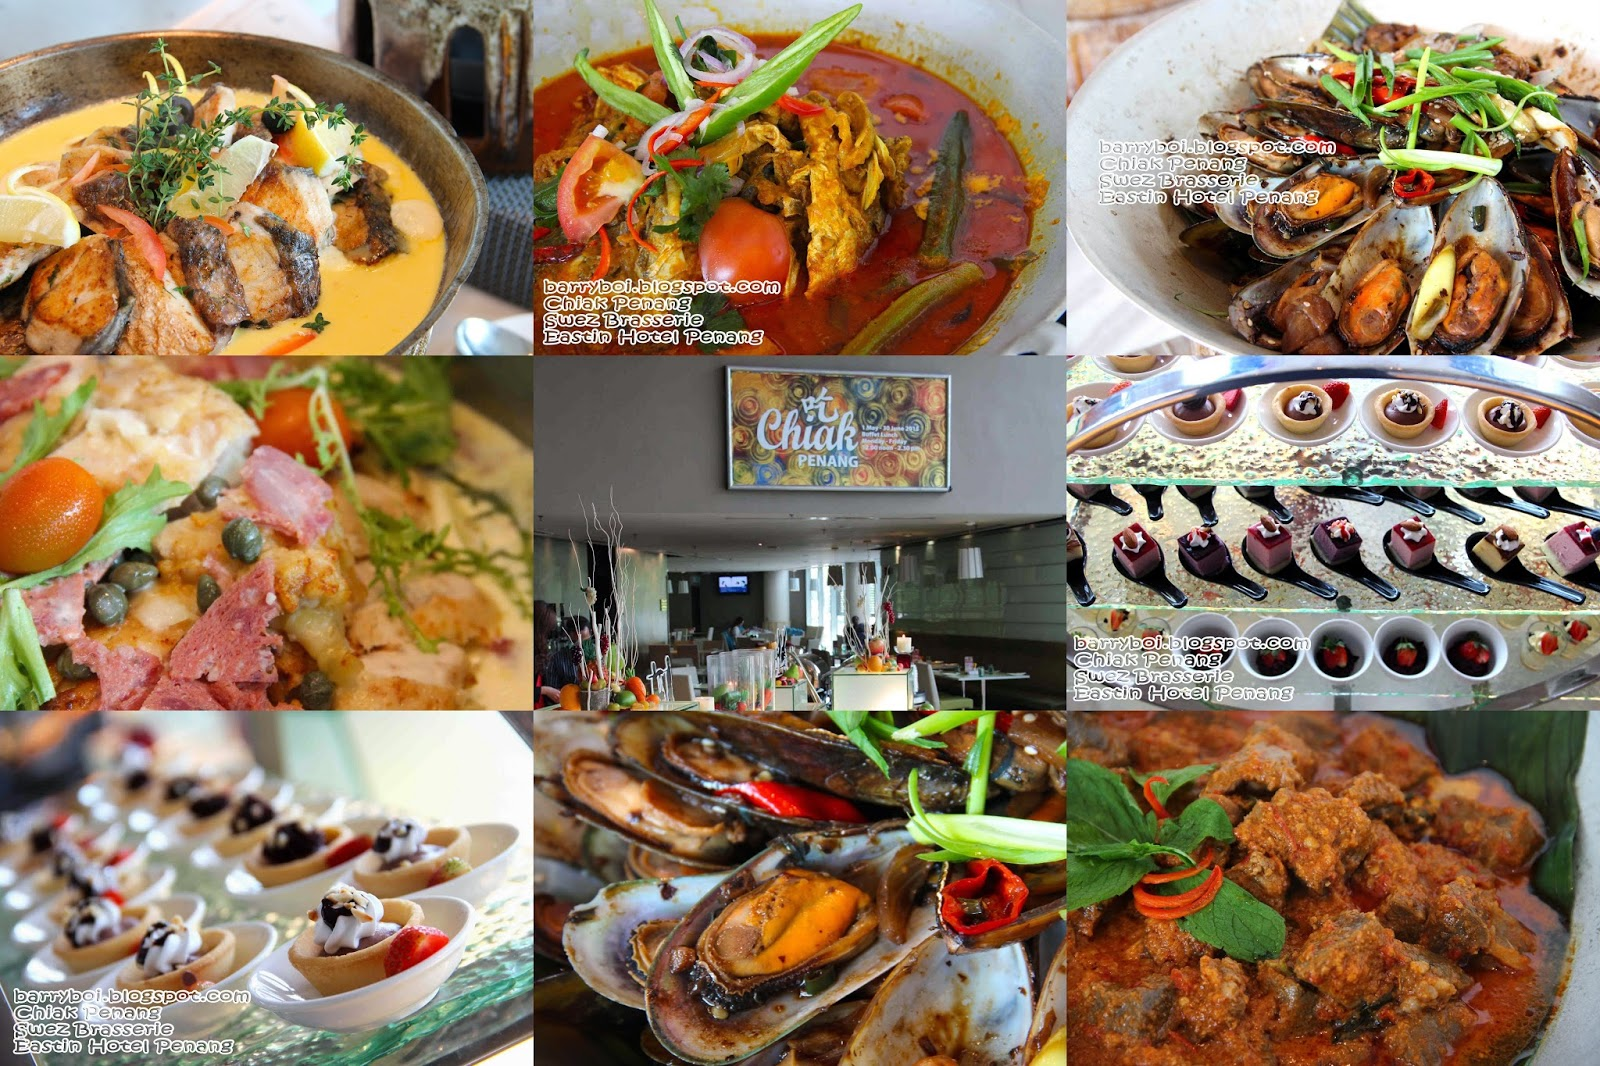 Daily Moments By Barryboi Chiak Penang At Eastin Hotel Penang